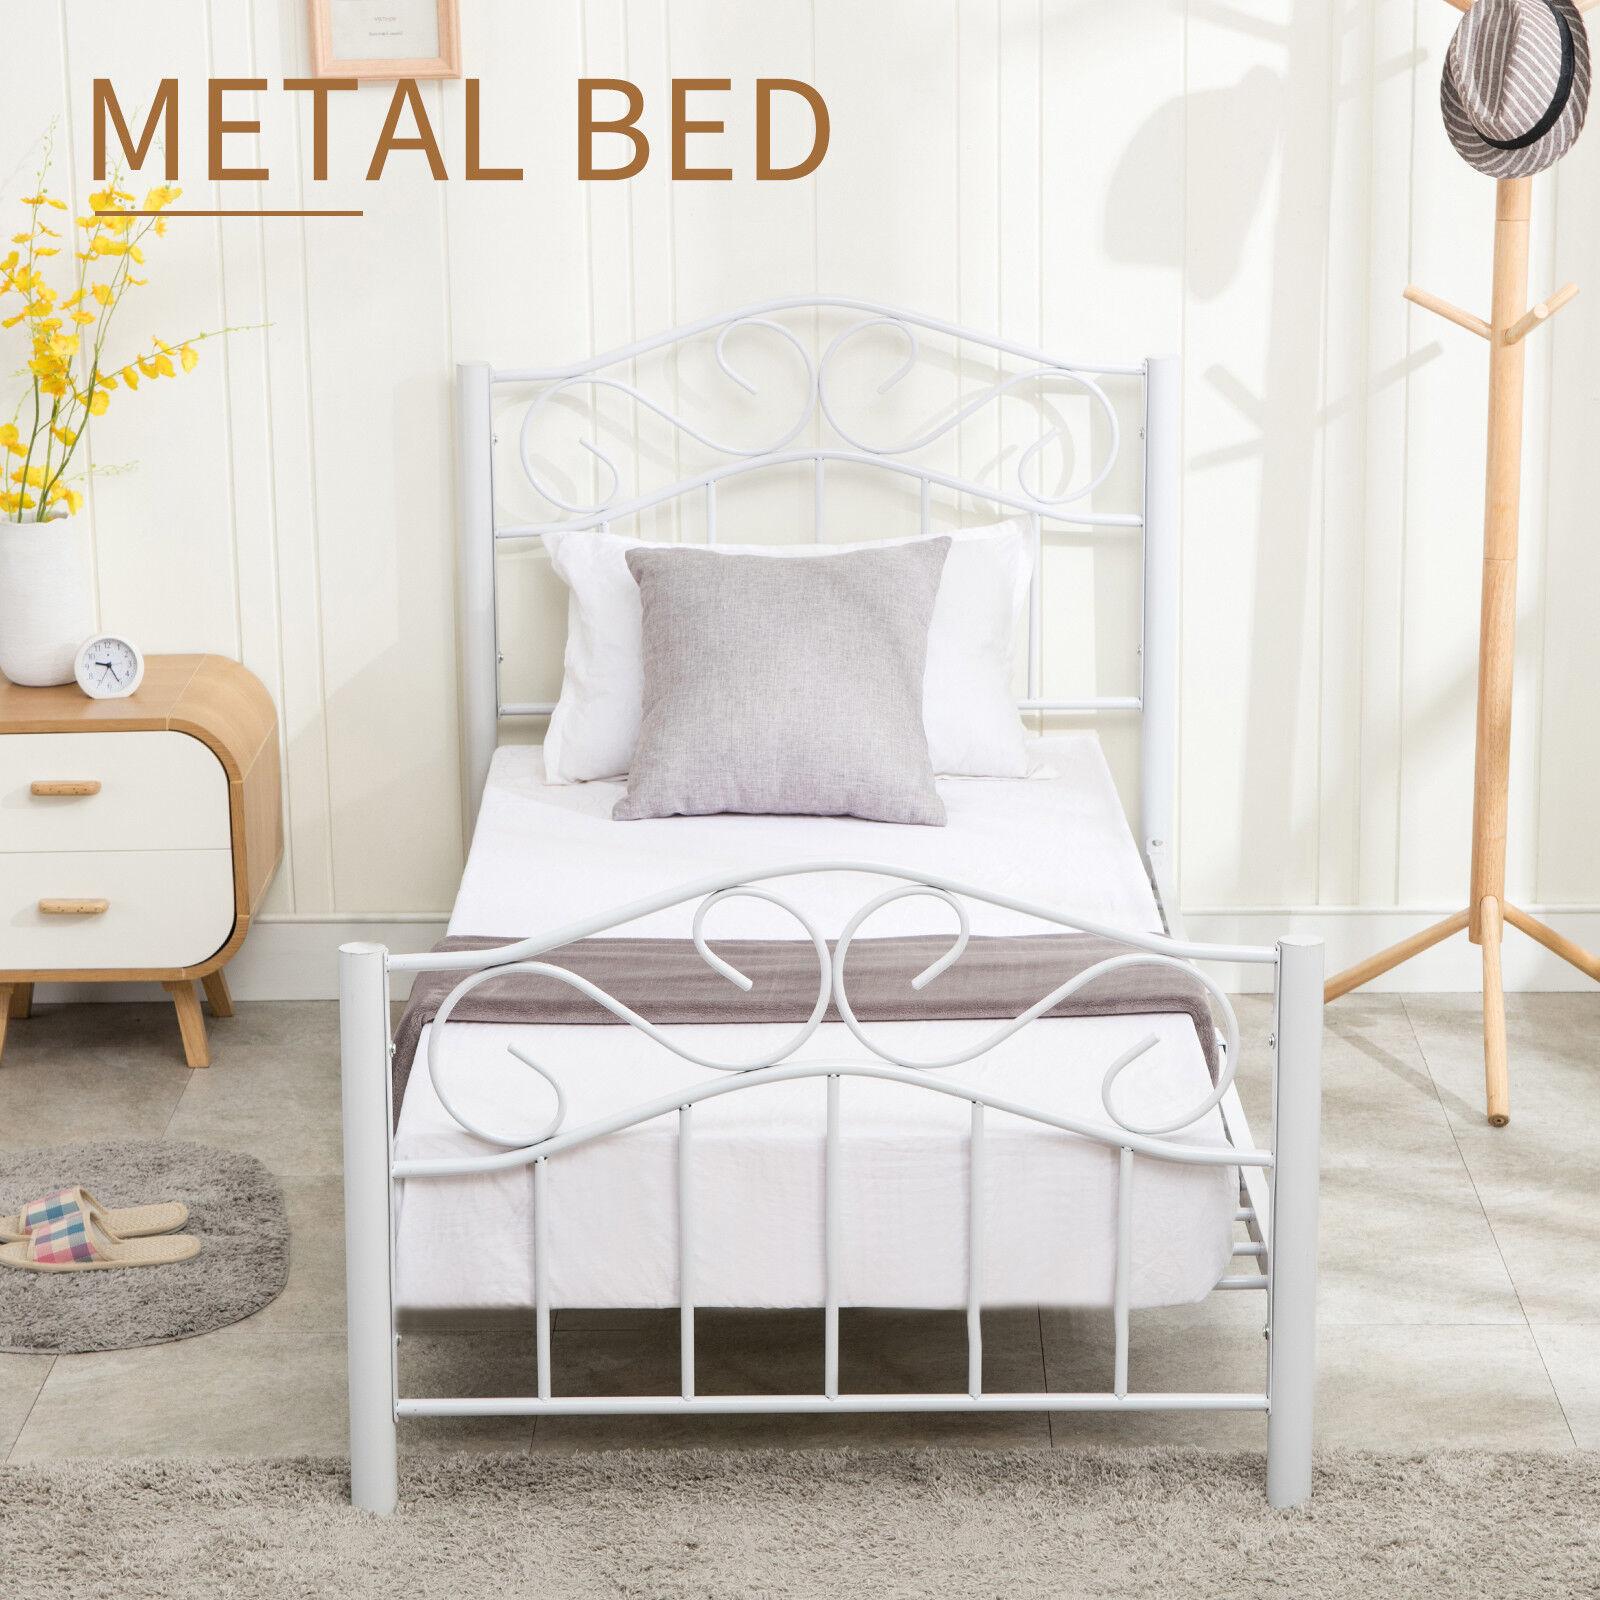 Twin Size Heavy Duty Metal Bed Frame Headboard Footboard Bedroom ...